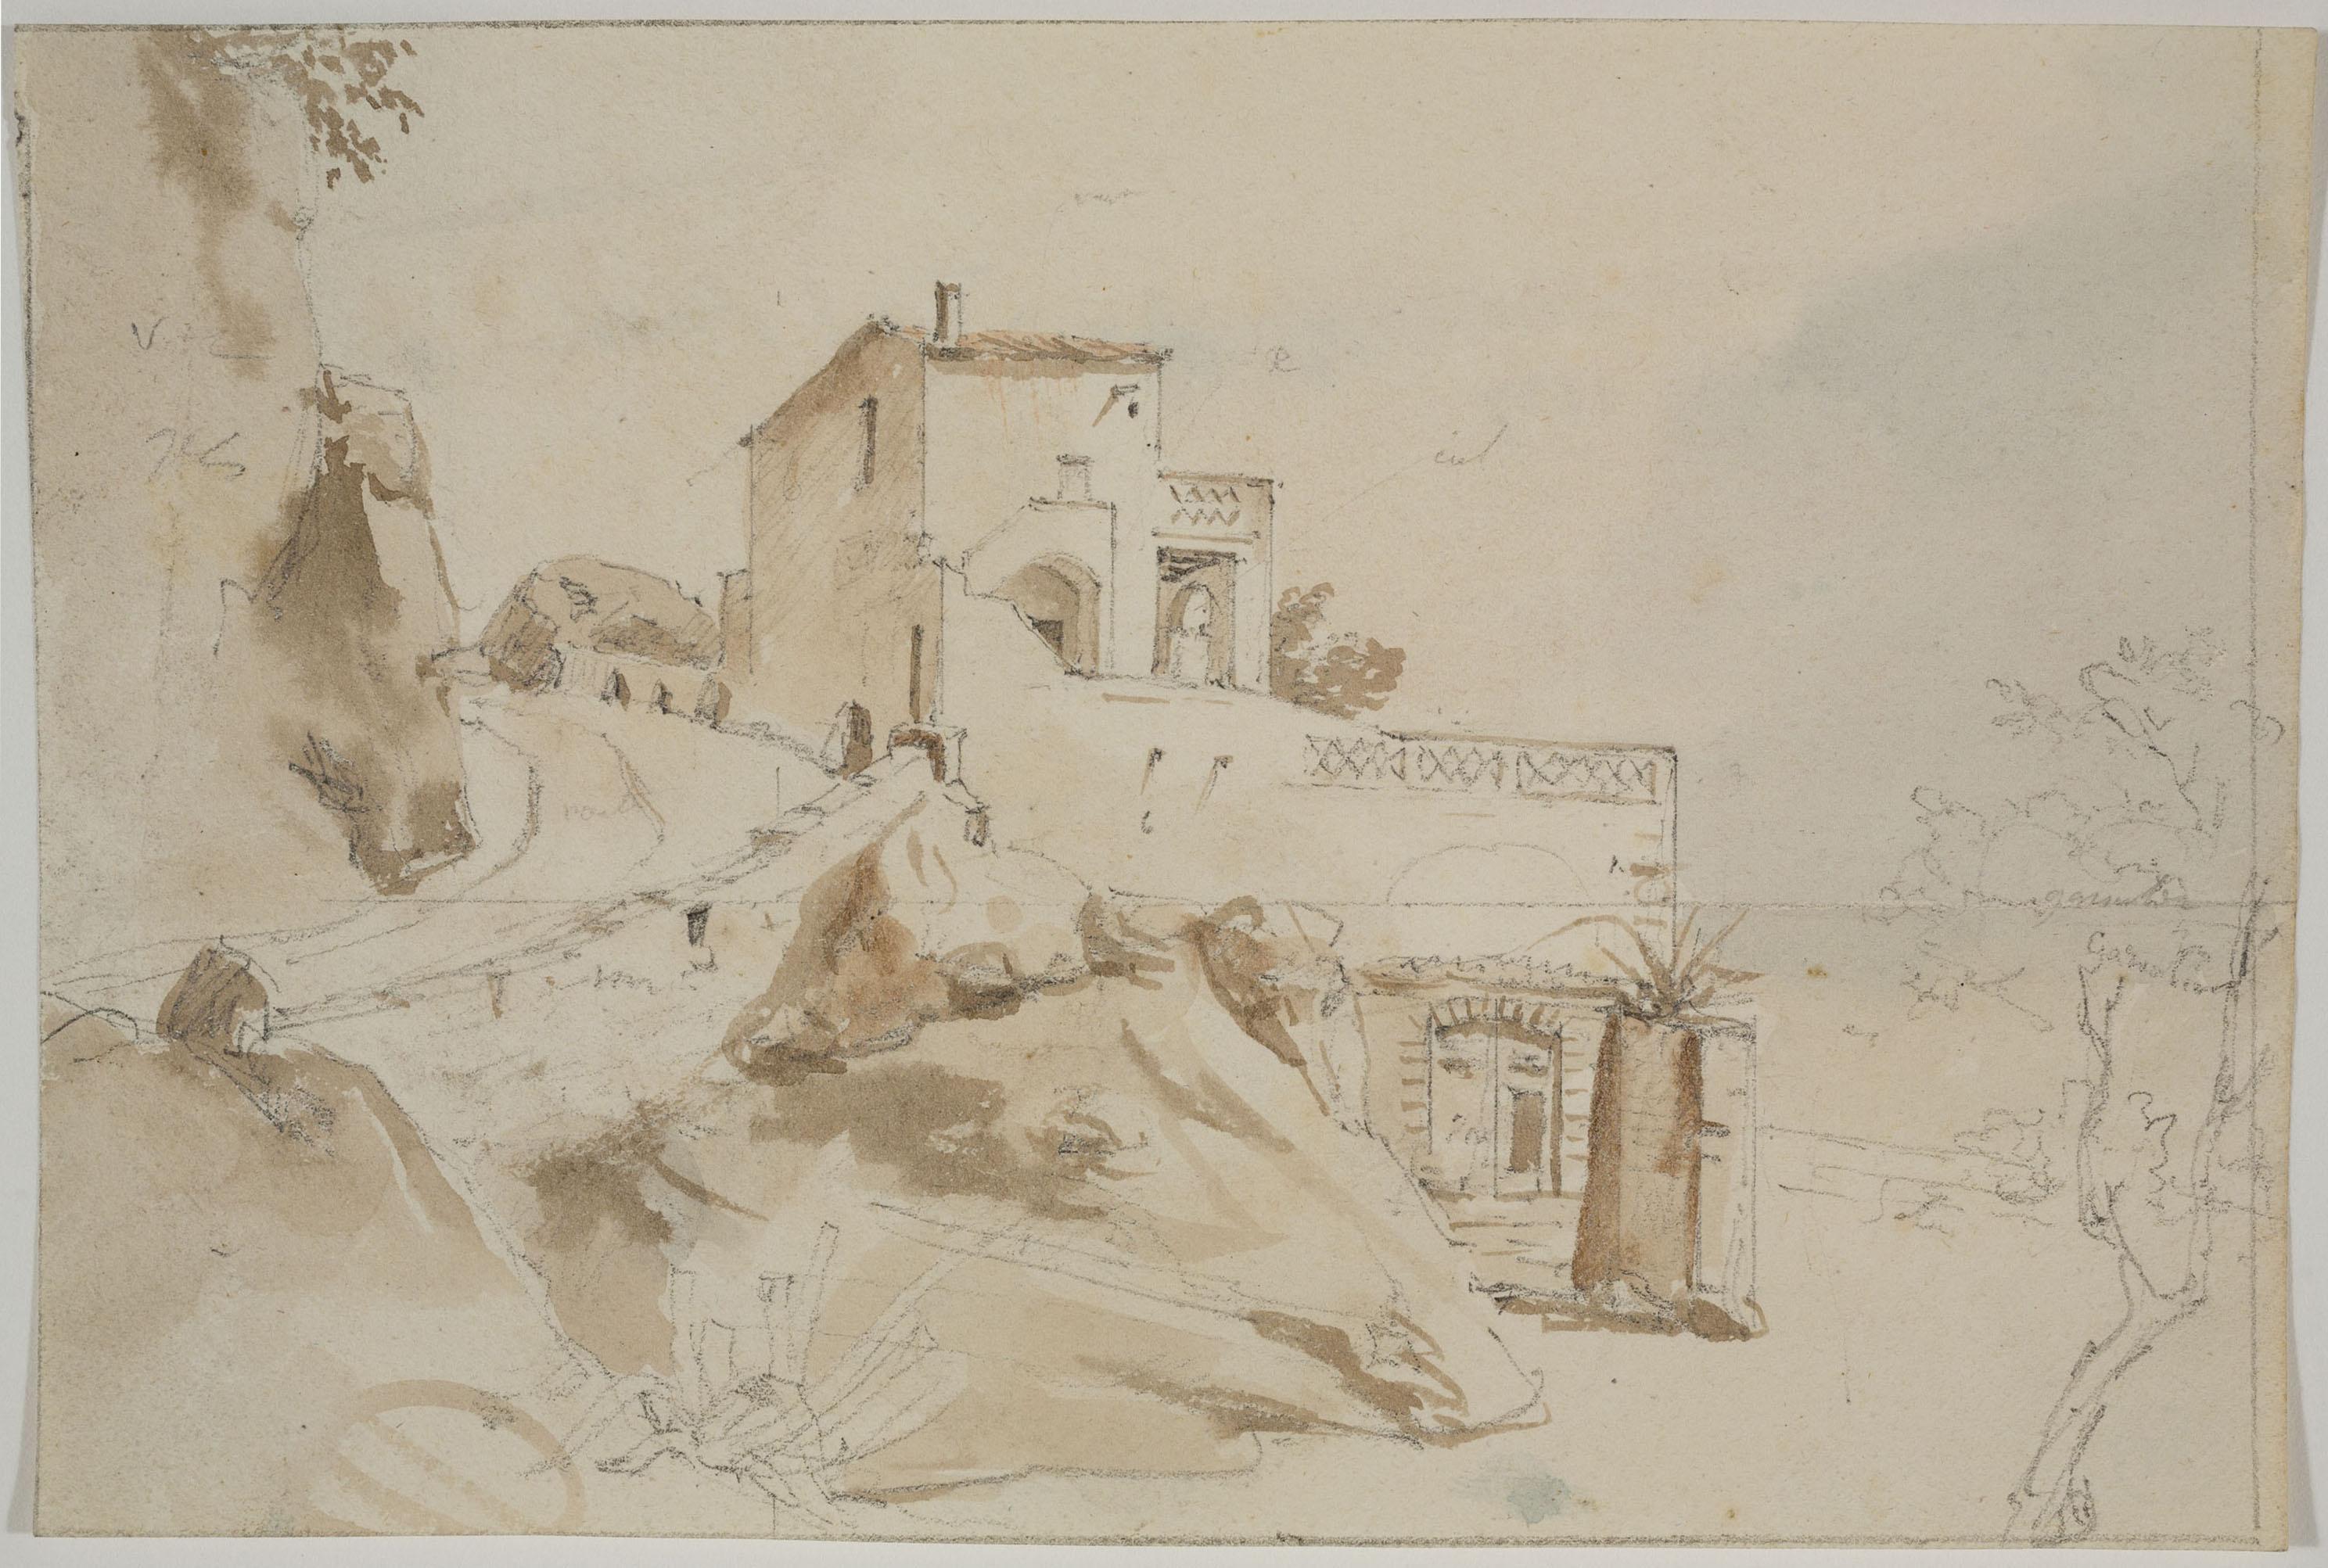 Adolphe Hedwige Alphonse Delamare - Arenys de Mar (anvers) / Apunt de paisatge (revers) - 28 de novembre de 1827